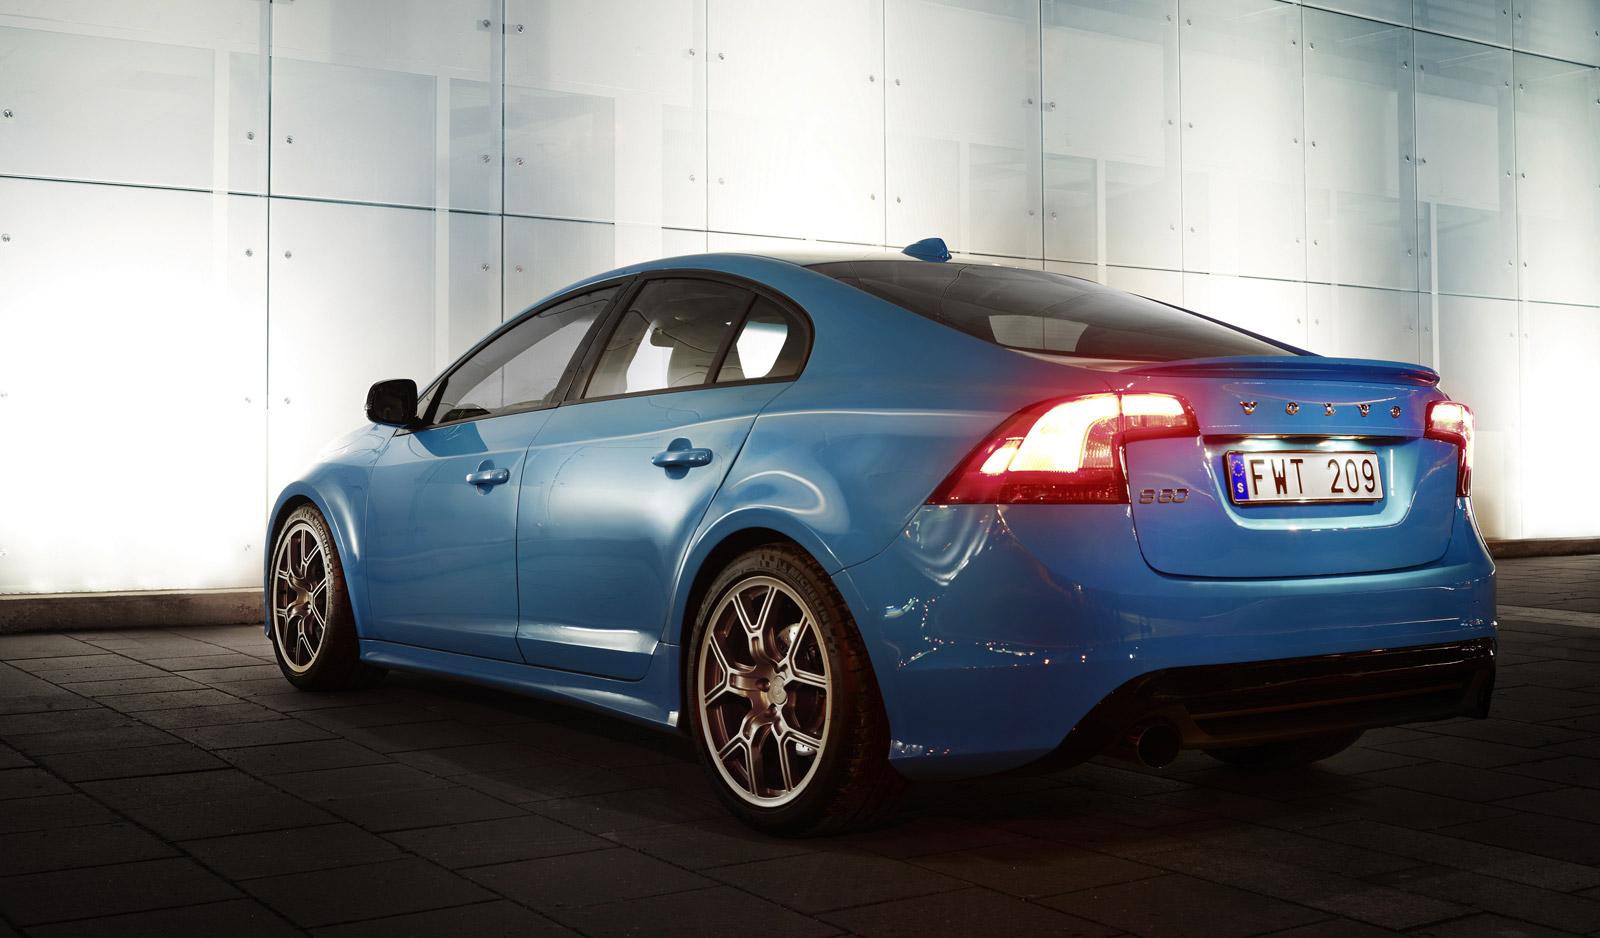 Custom Volvo S60 >> Volvo S60 Polestar Sold To Individual For 300 000